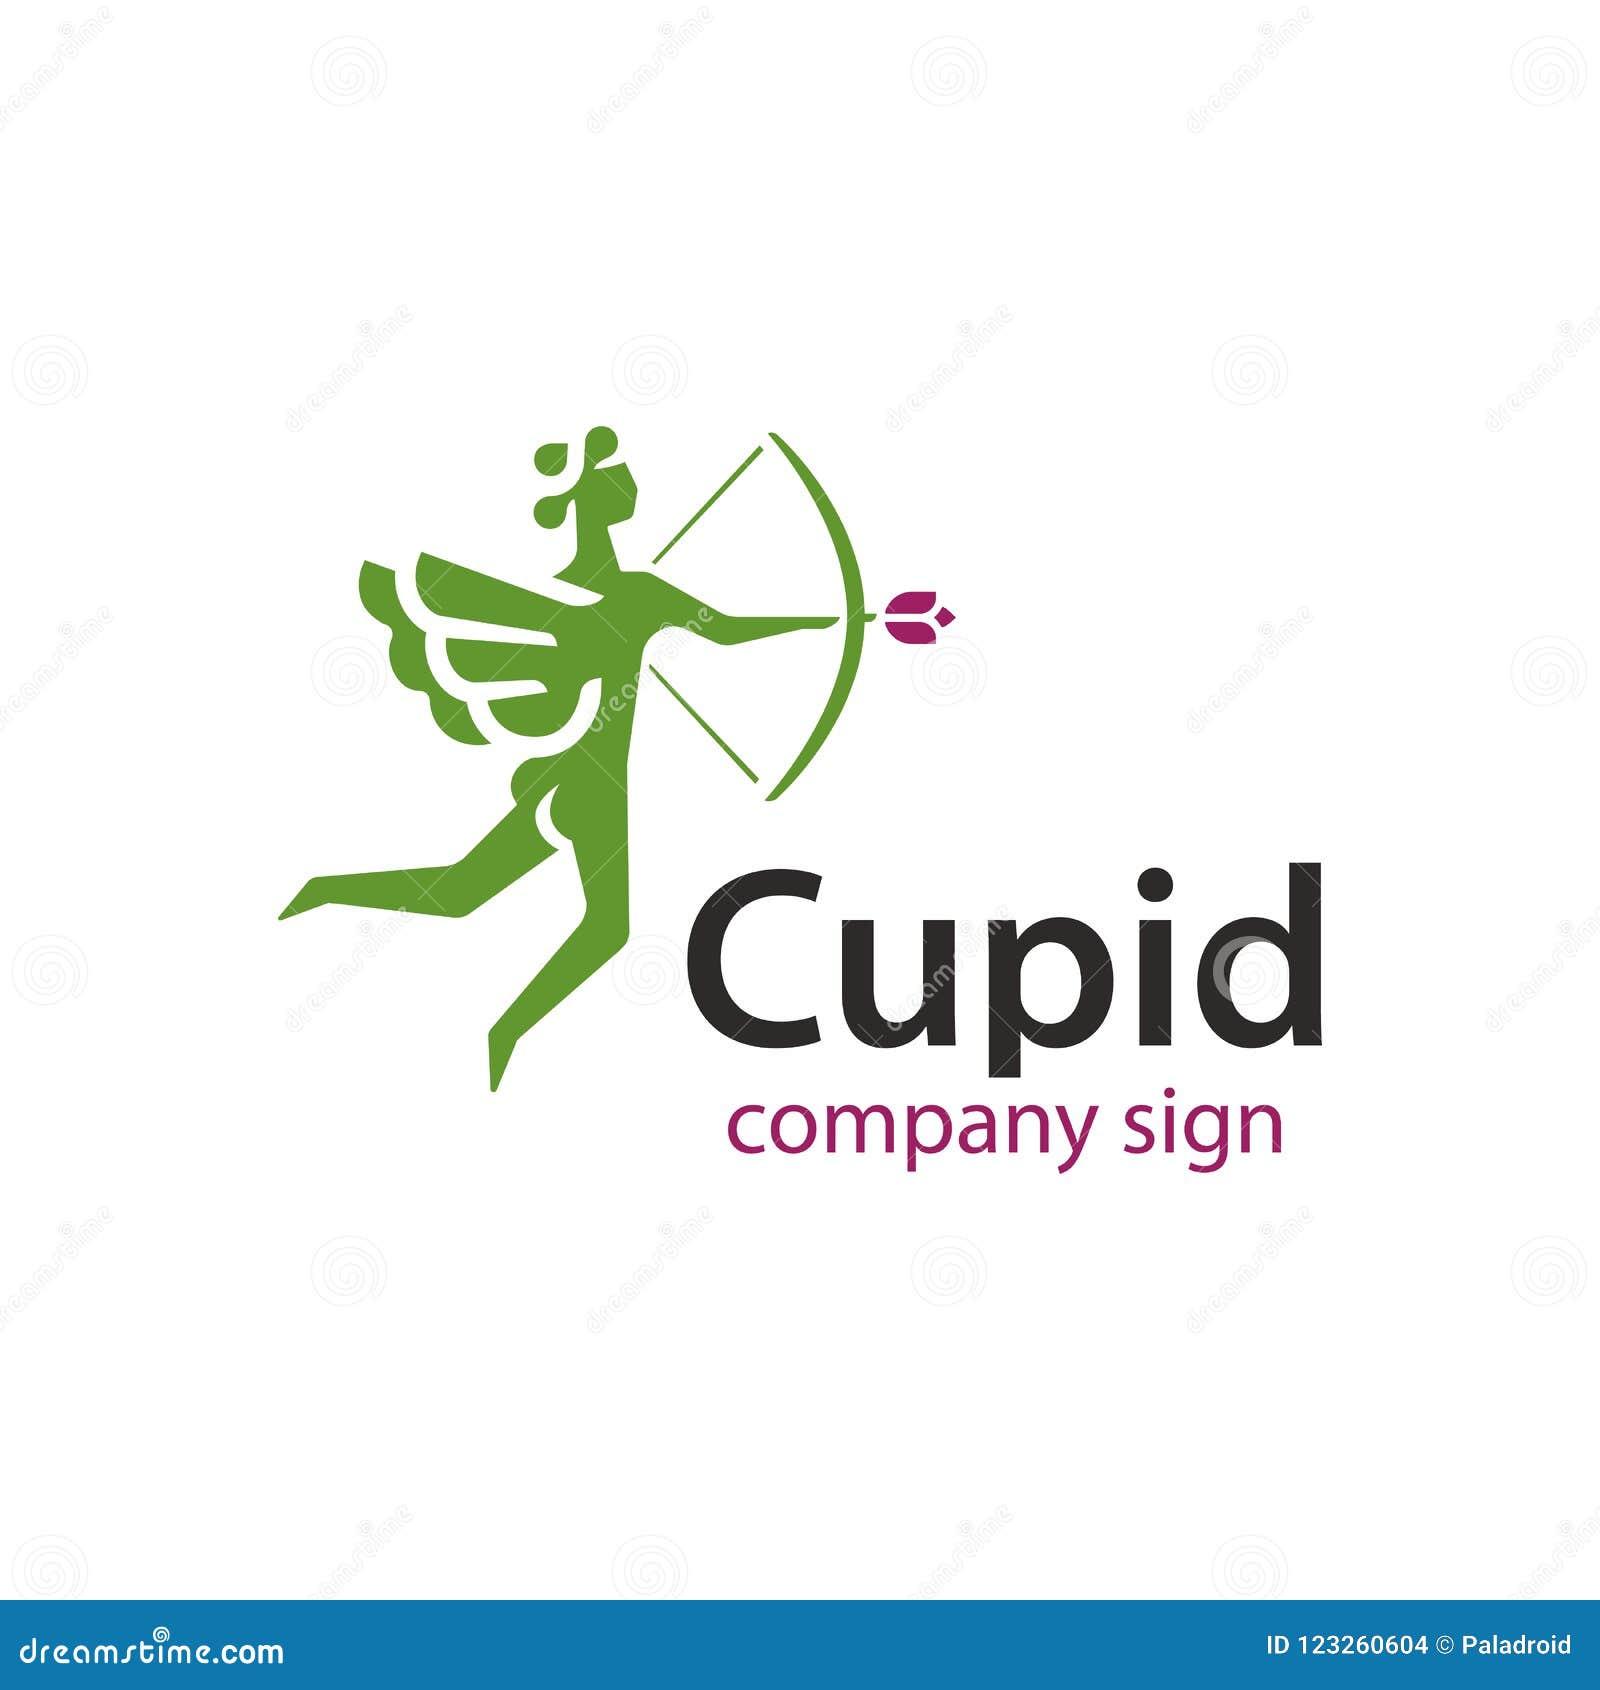 Cupid company